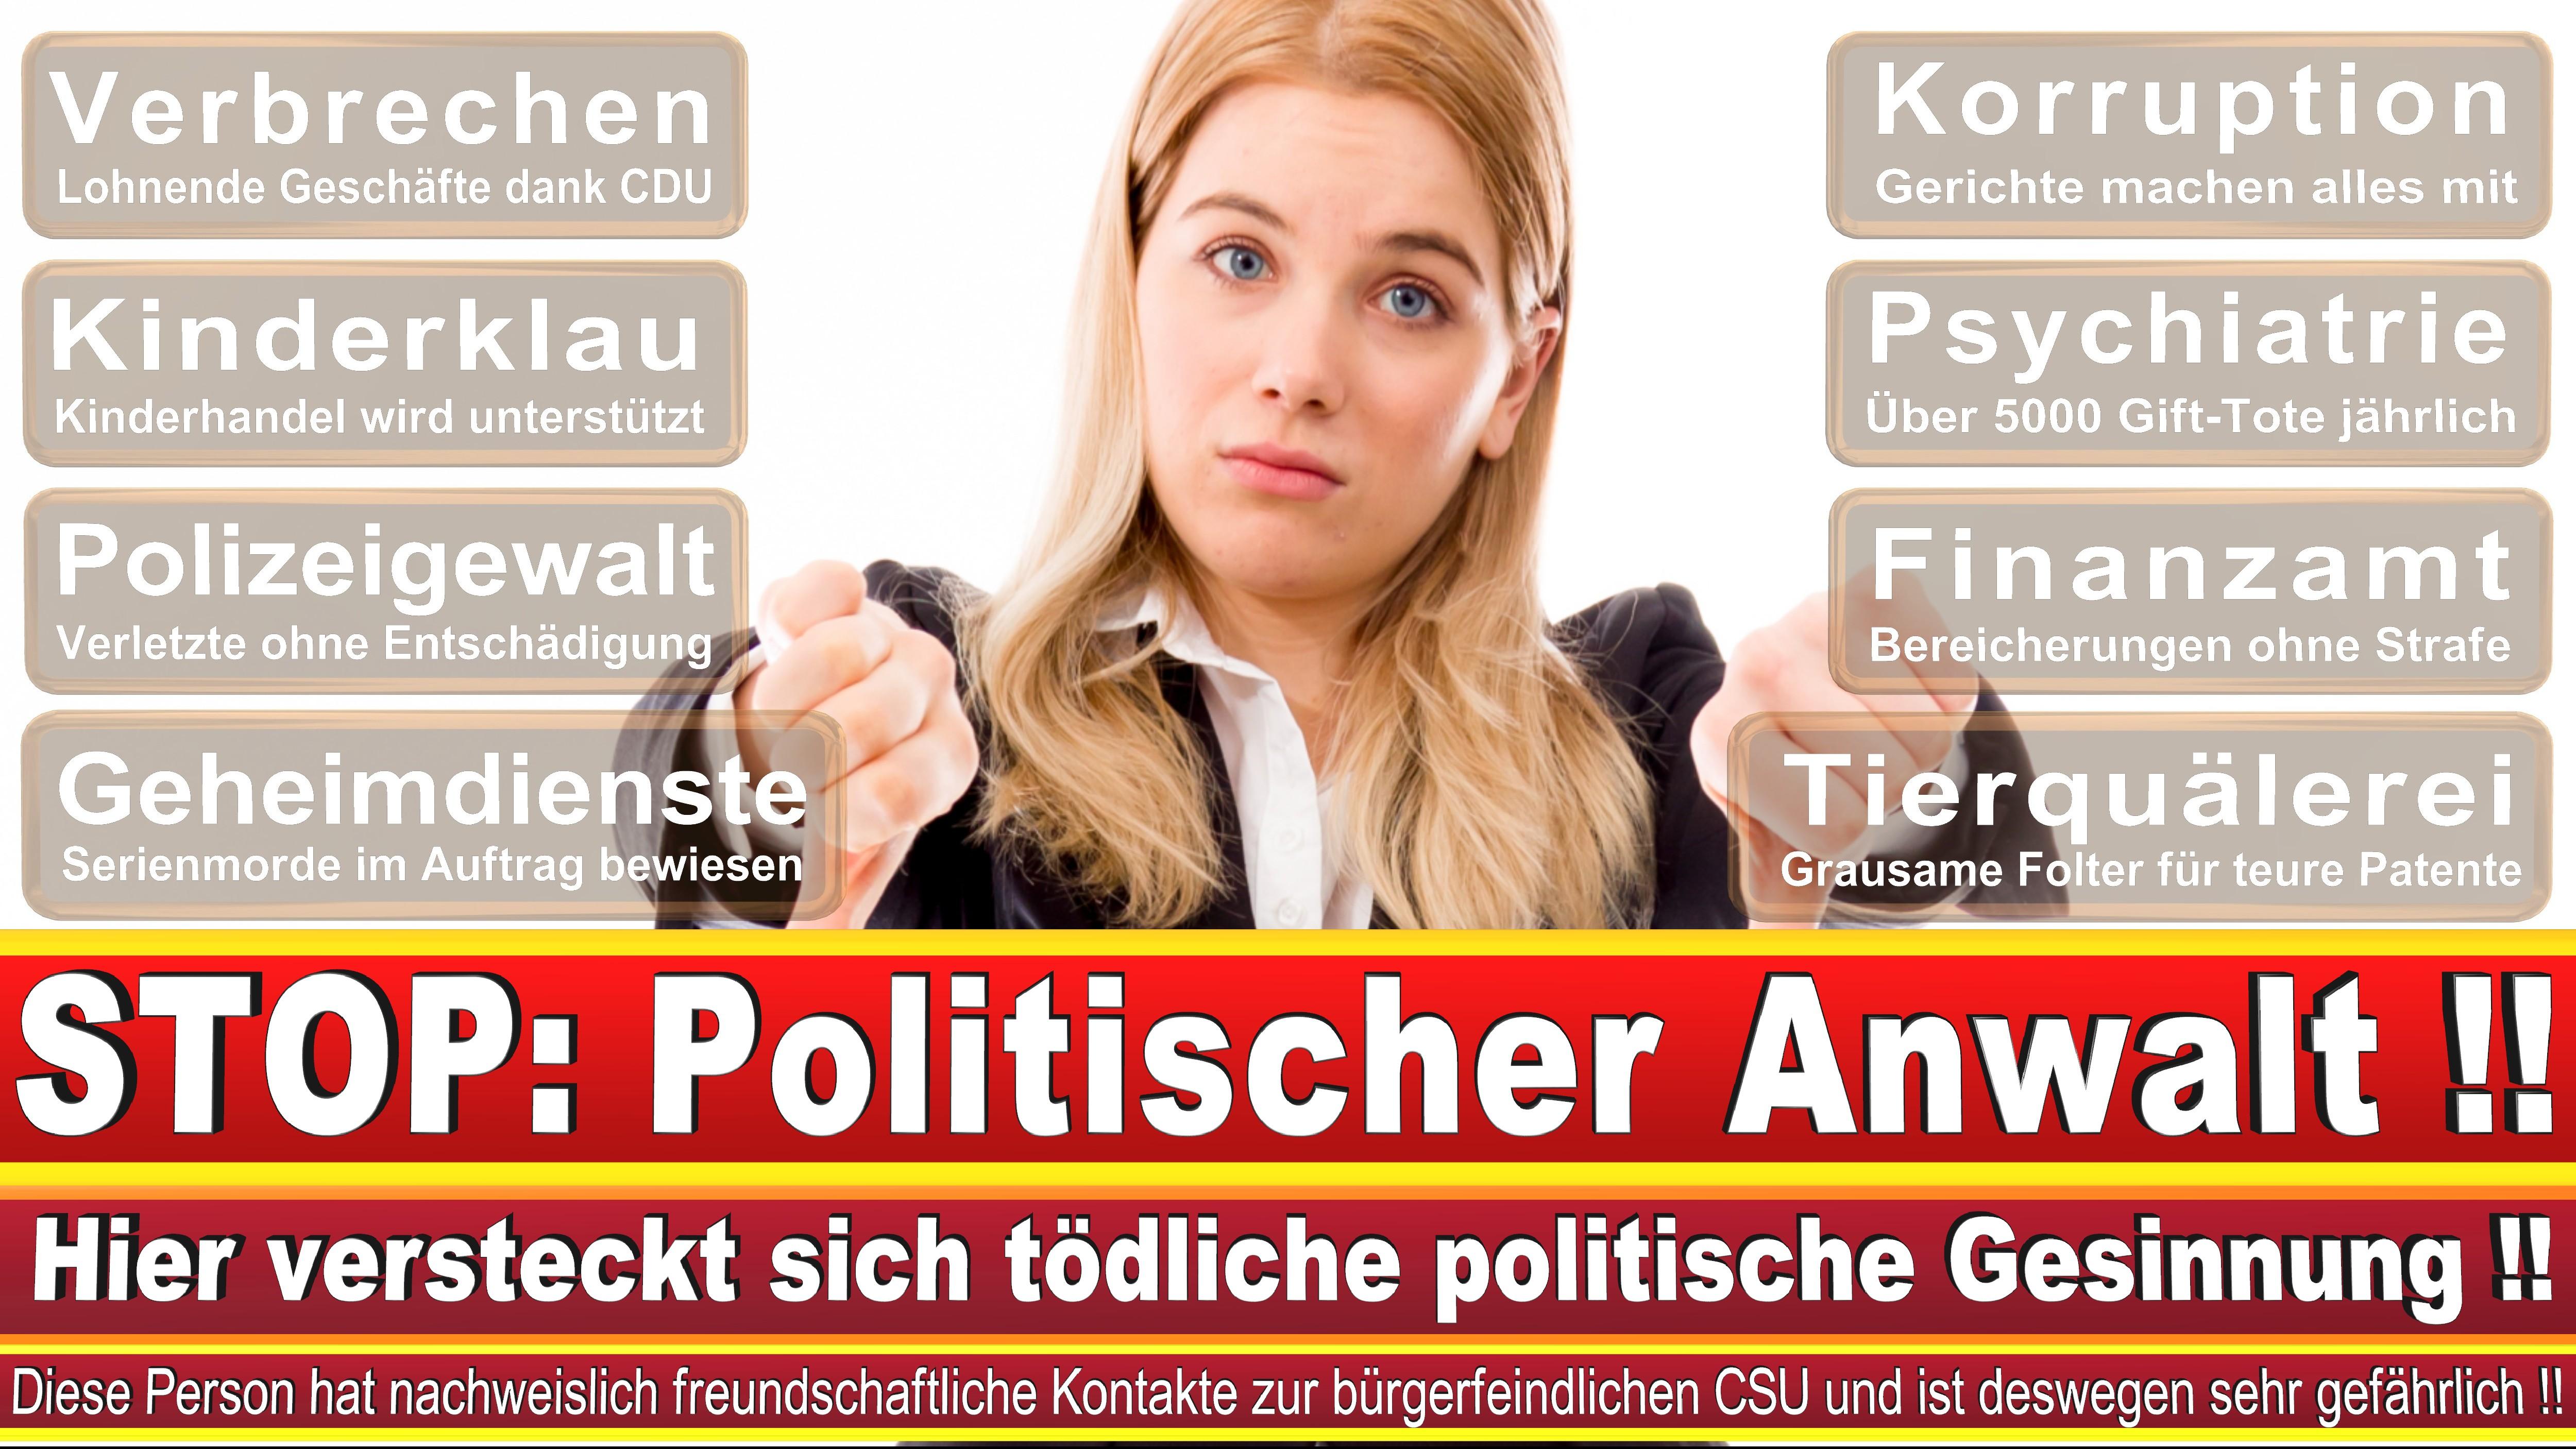 Rechtsanwalt Dr Harald Potinecke München Selbstständig Partner CMS Hasche Sigle 1